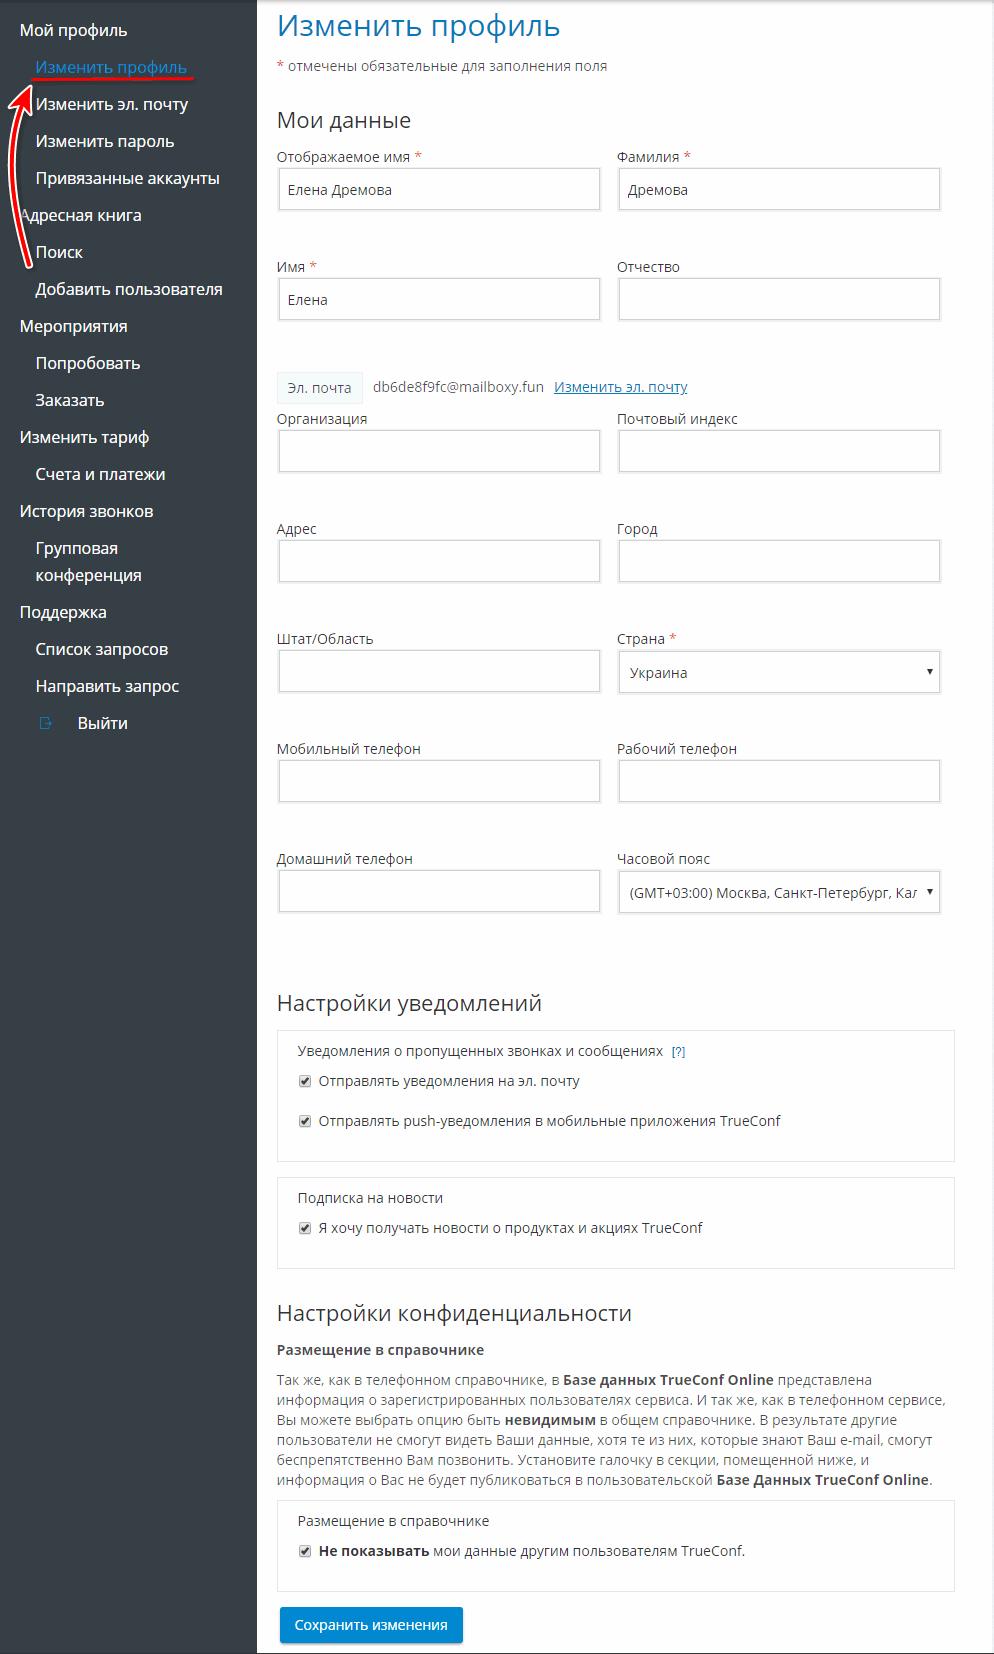 Как управлять учетной записью пользователя сервиса TrueConf Online 2